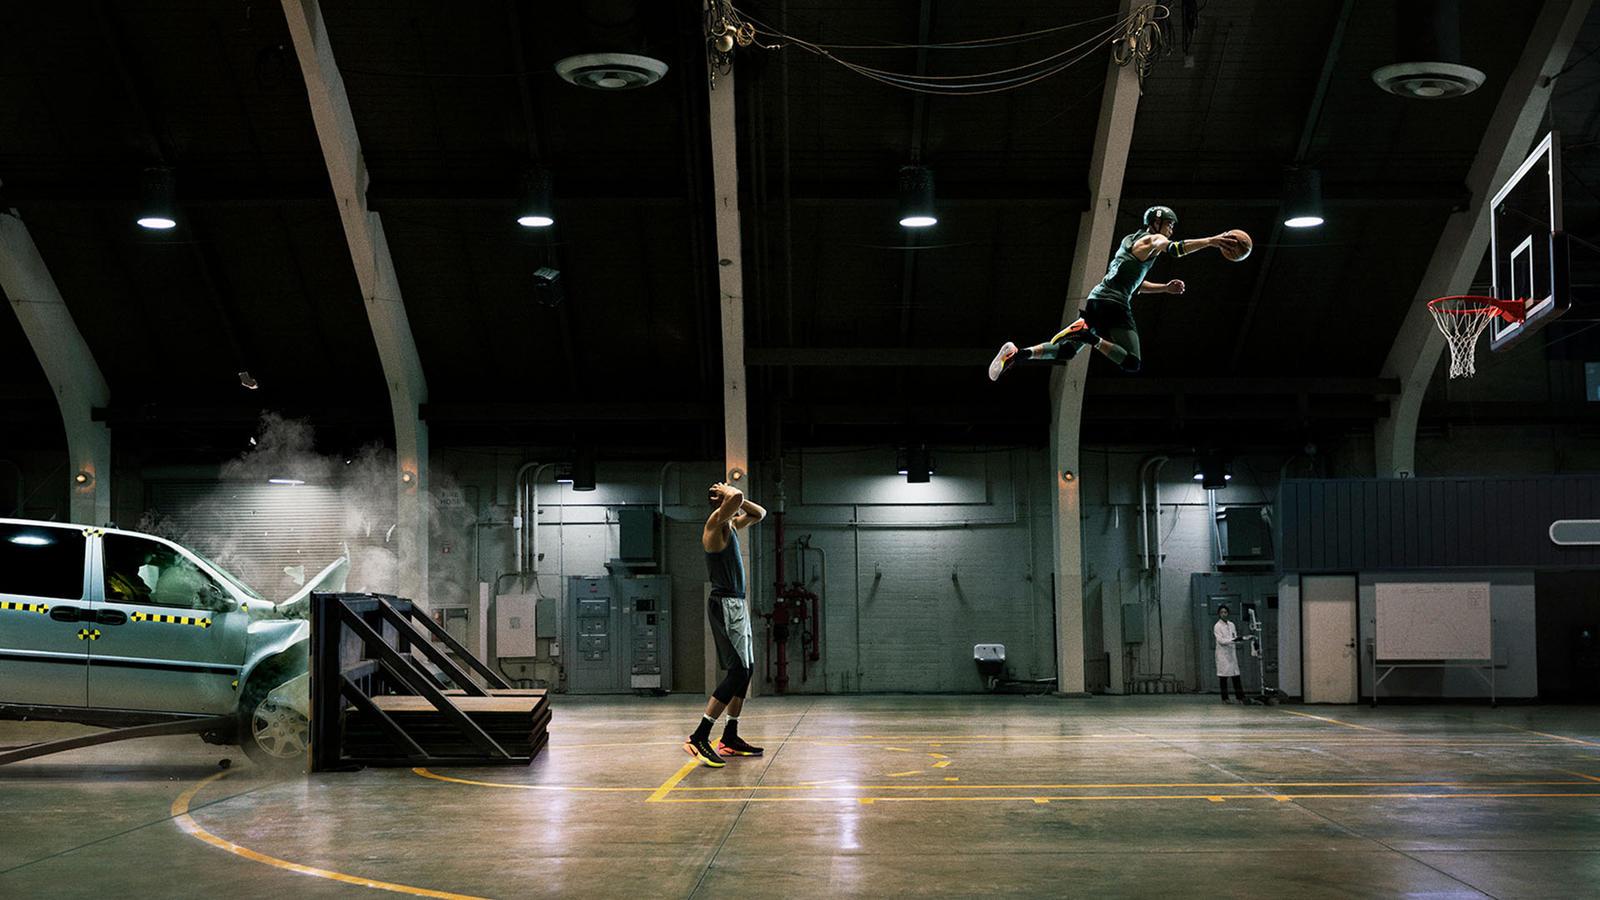 Nike Unlimited Your Airtime Zach LaVine Aaron Gordon rio 2016 publicité